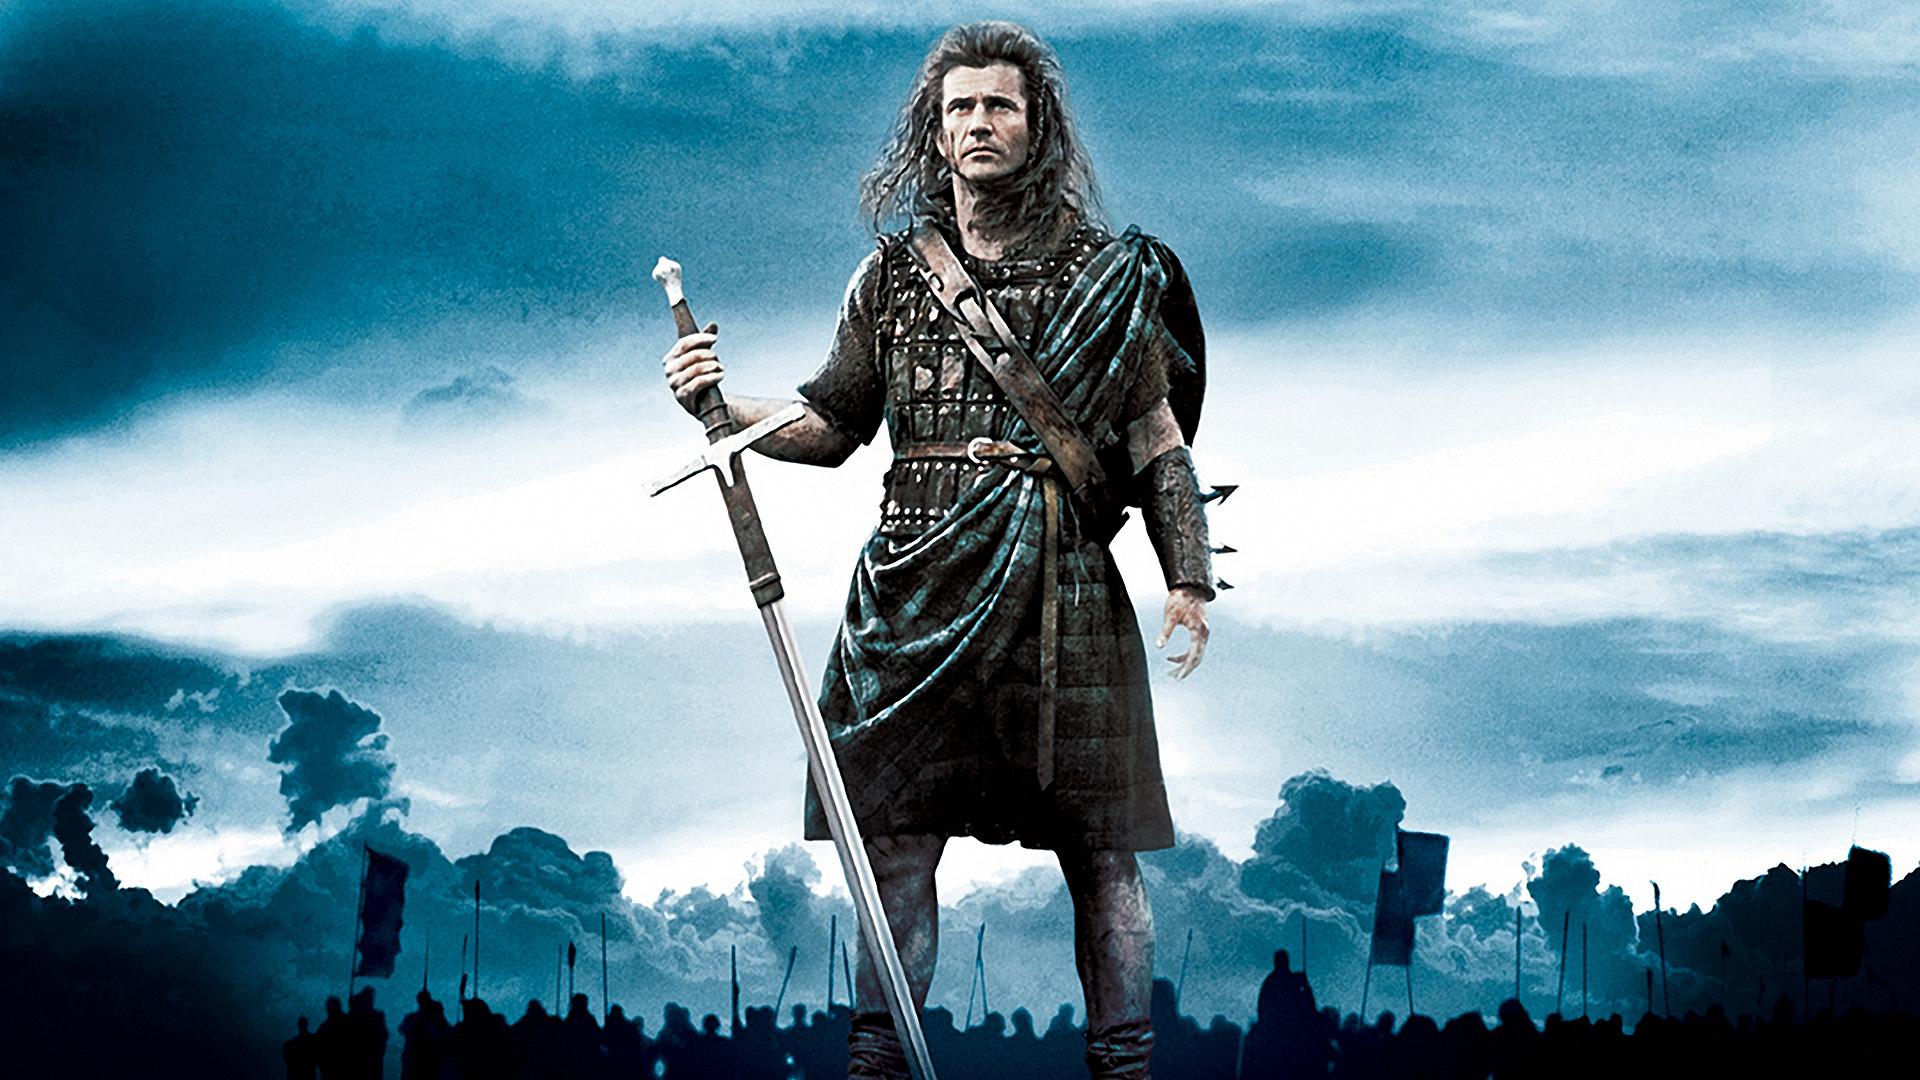 Mel Gibson'ın hem oyuncu hem de yönetmen olduğu film, ünlü İskoç halk kahramanı William Wallace'ın hayatını anlatmaktadır.